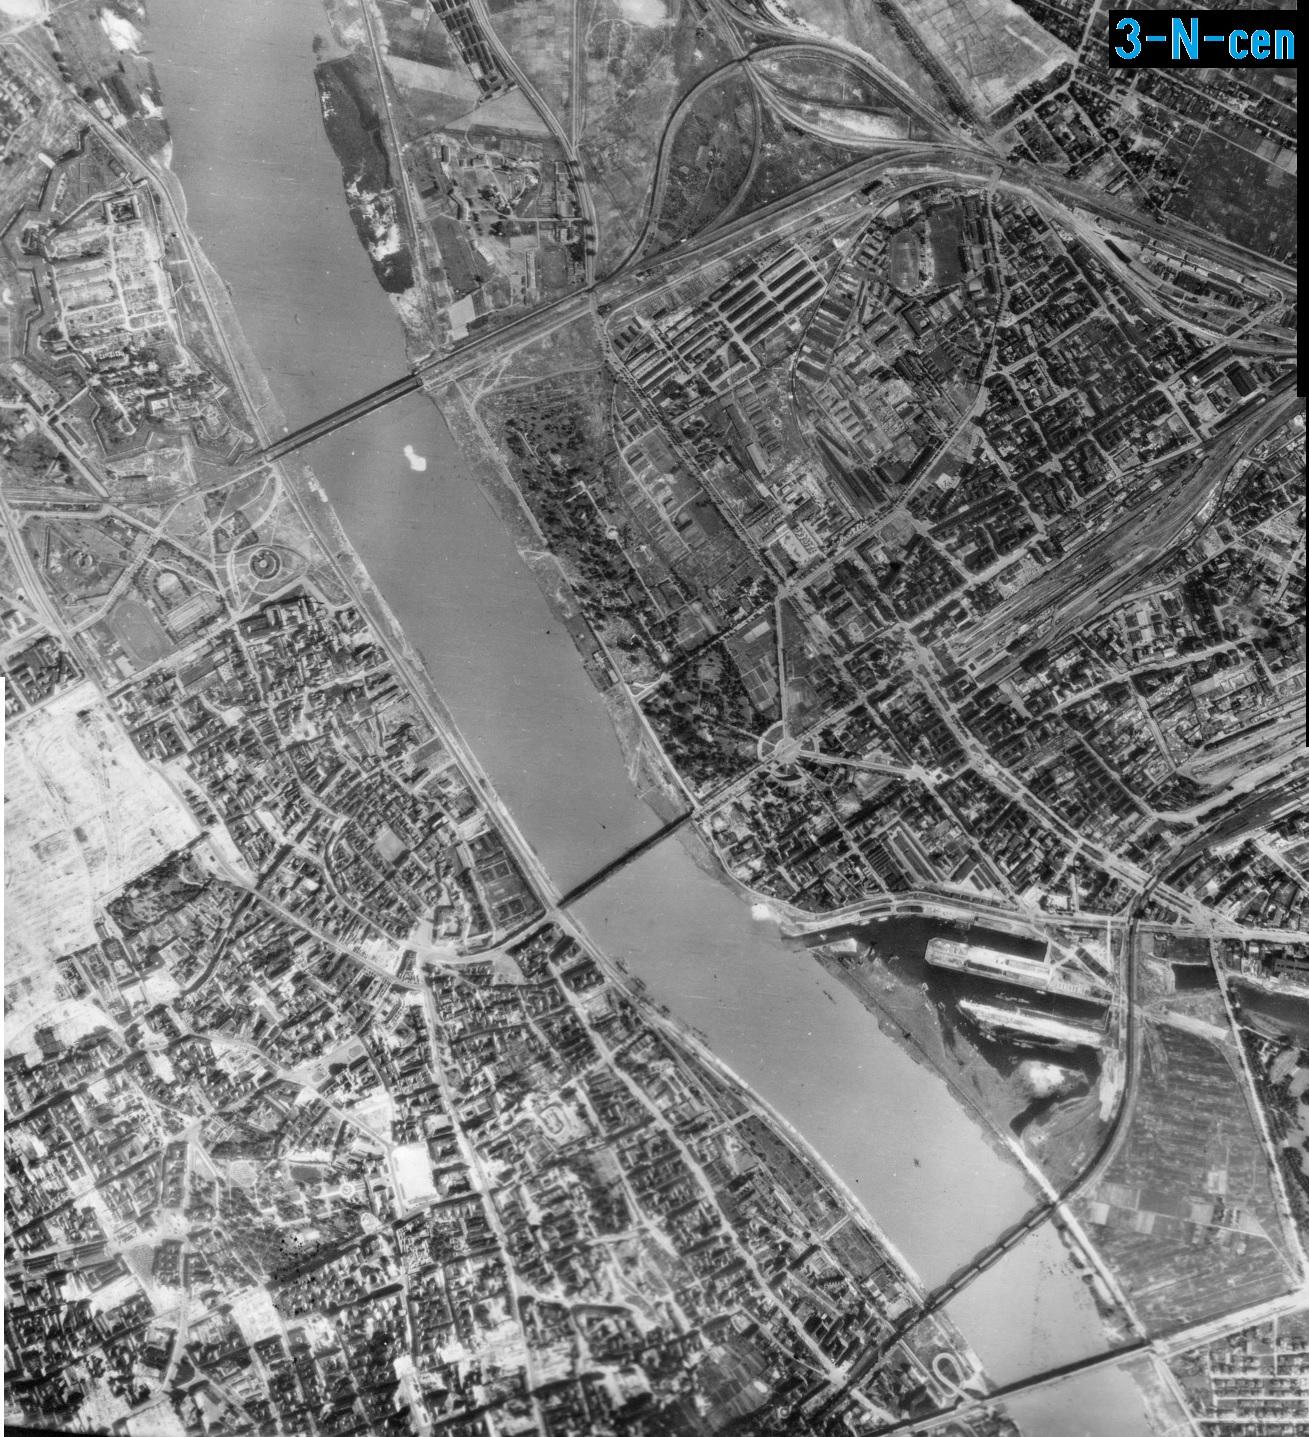 Zdjęcie lotnicze Luftwaffe - Warszawa 27.07.1944 (3-N-cen).jpg